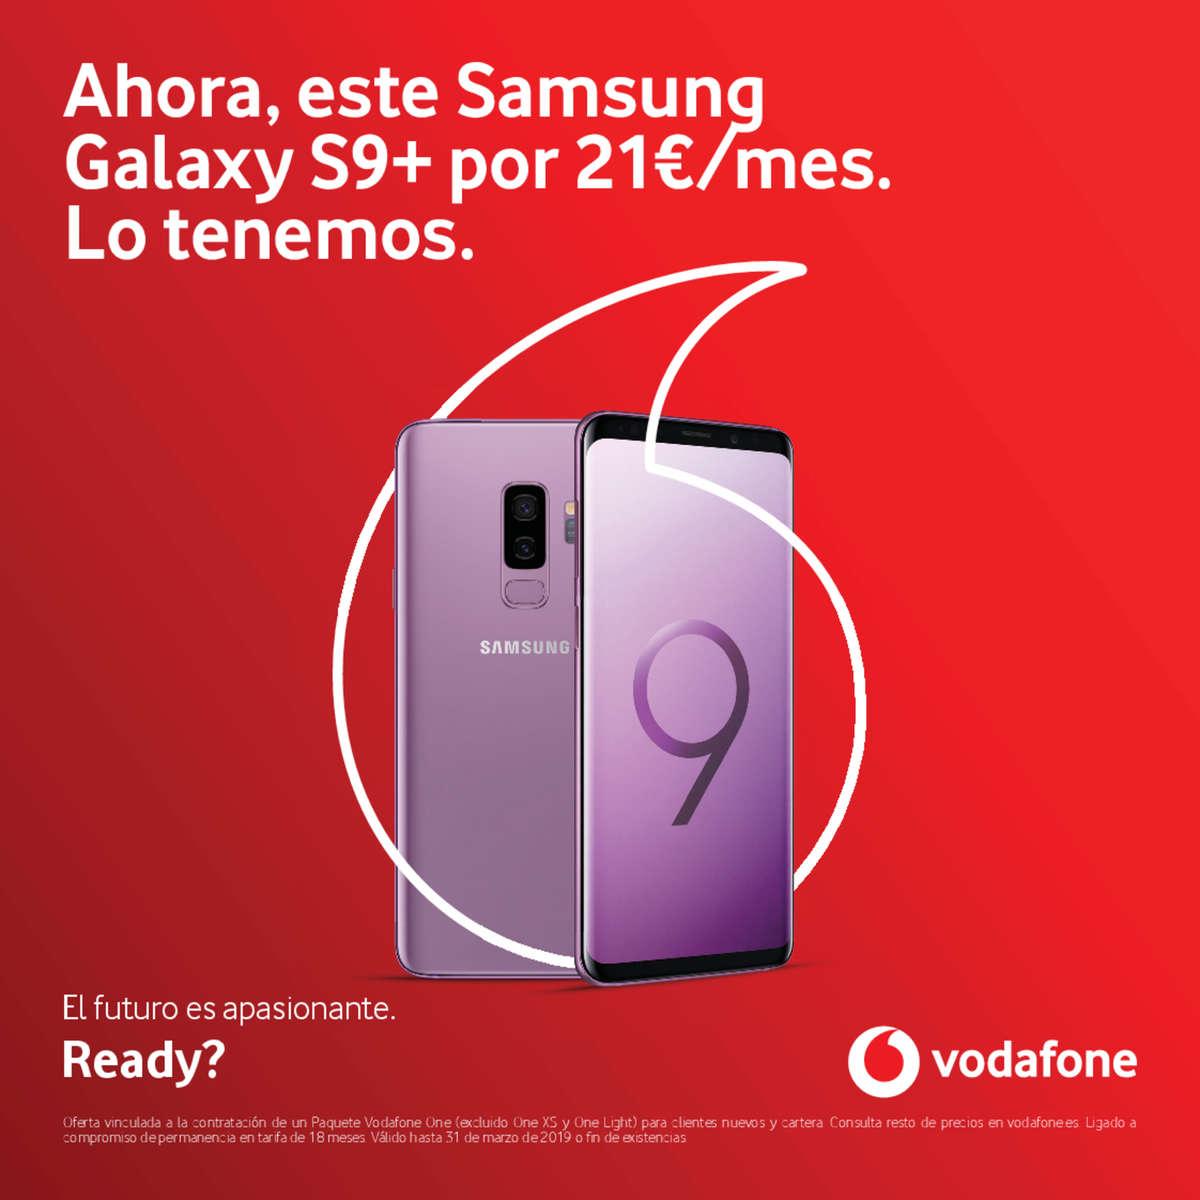 Comprar Nokia smartphone barato en San Sebastián de los Reyes - Ofertia a90363fde9fb9